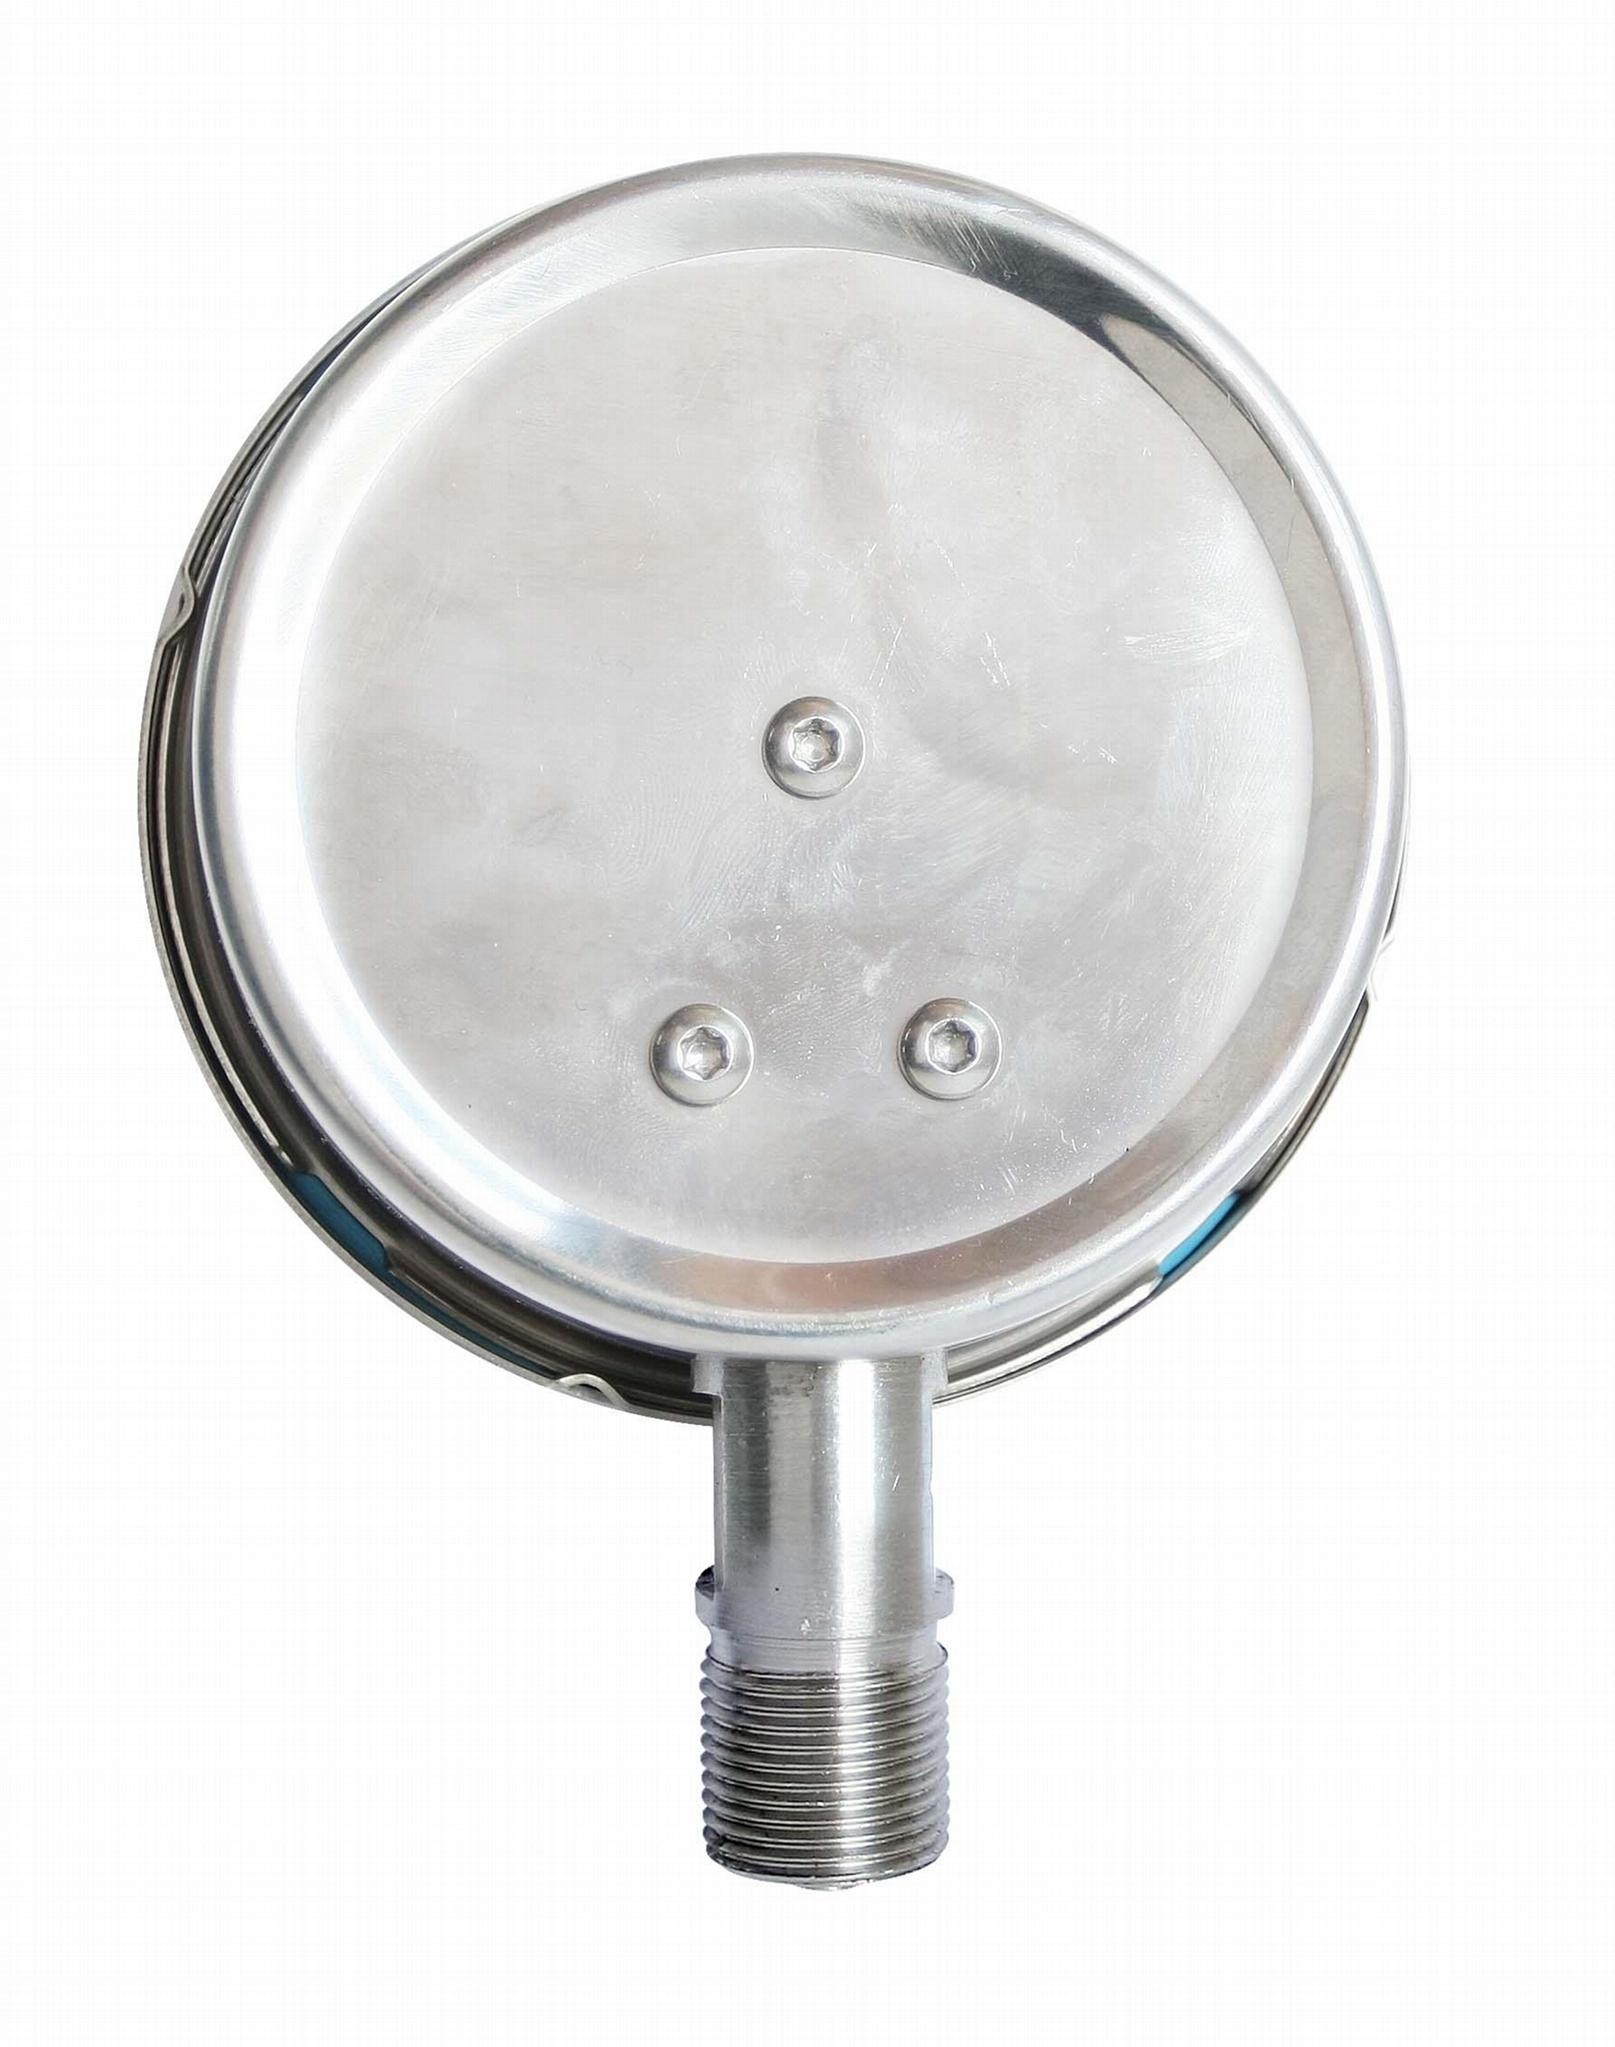 不锈钢压力表 不锈钢真空压力表 不锈钢弹簧管压力表 4